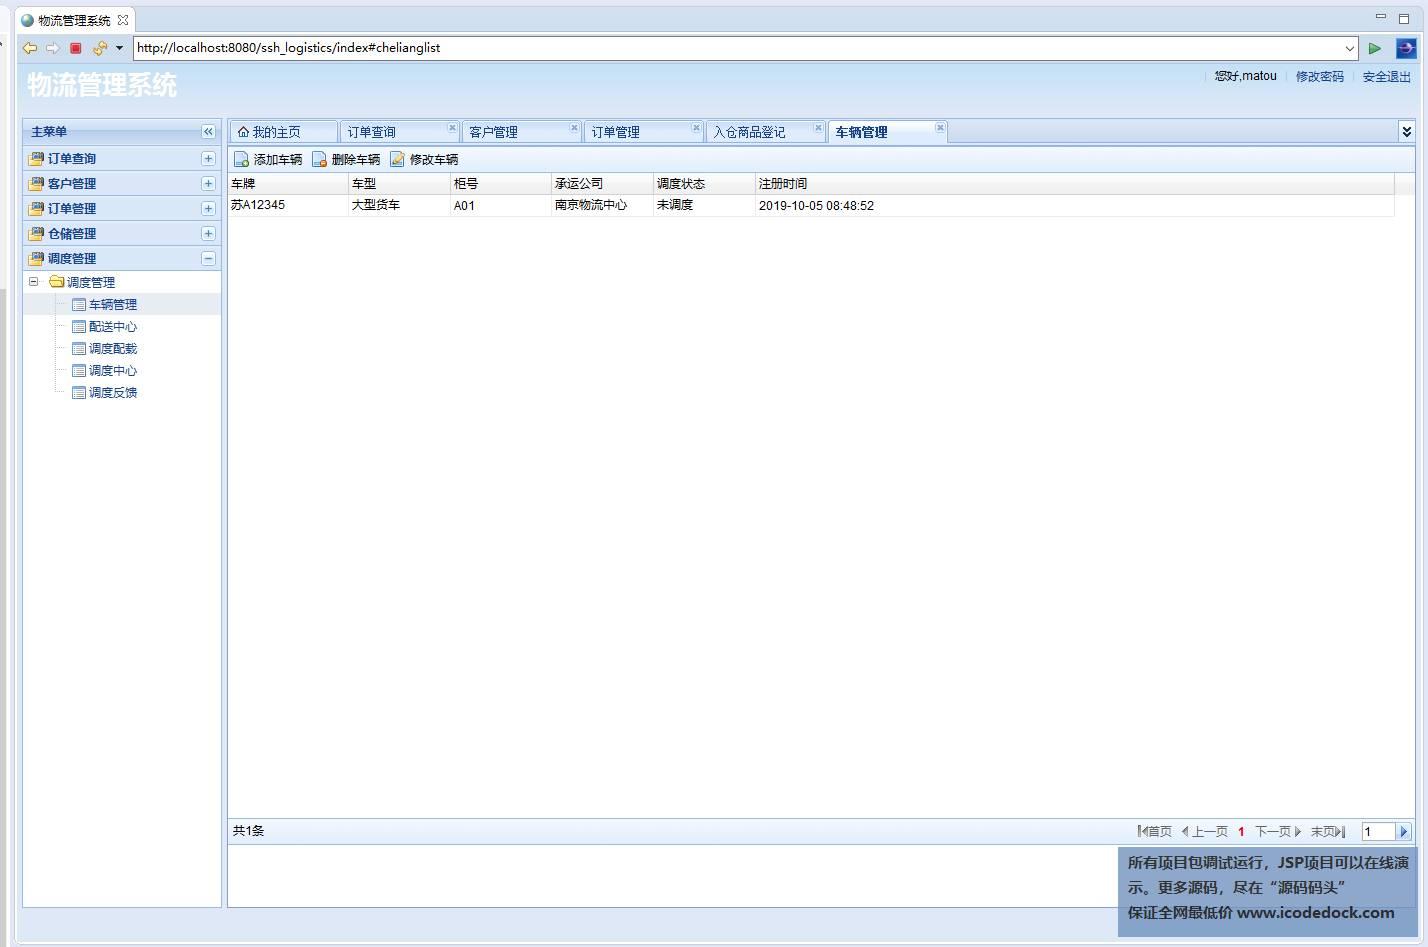 源码码头-SSH物流快递管理系统-员工角色-车辆管理